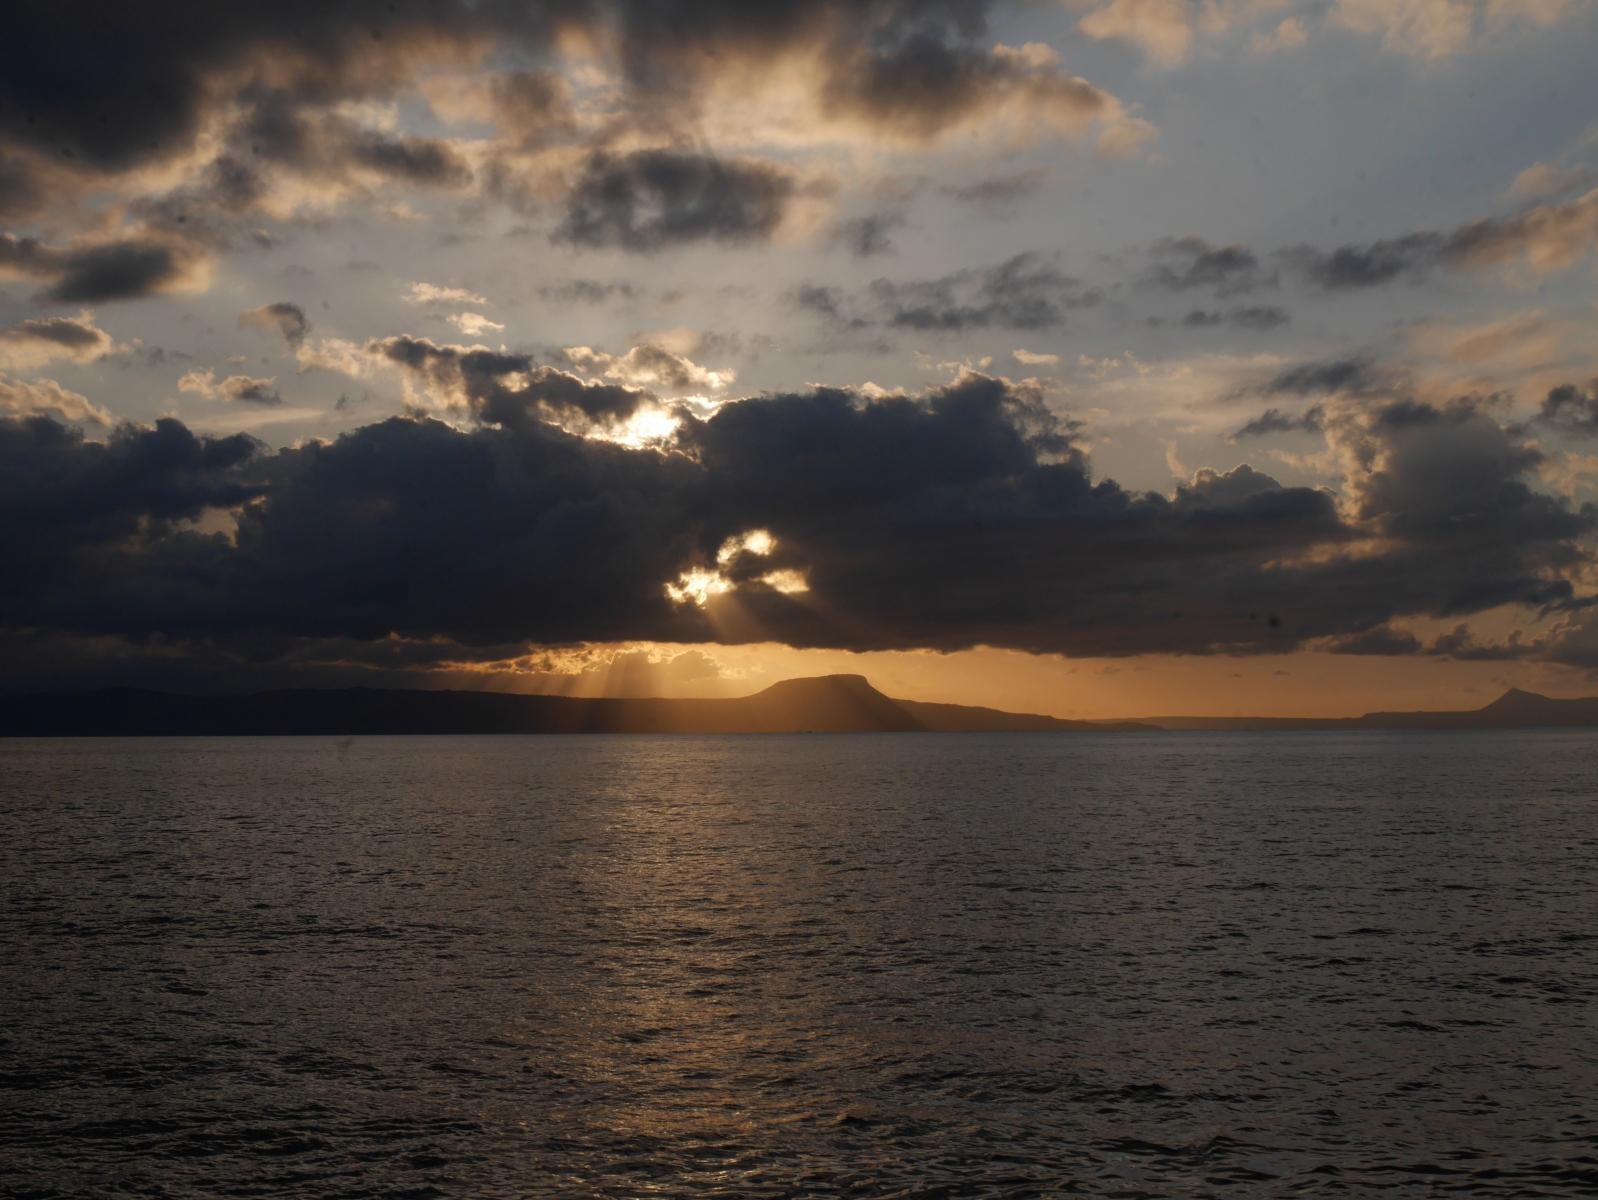 Sonnenuntergang  in der Bucht von Chania.